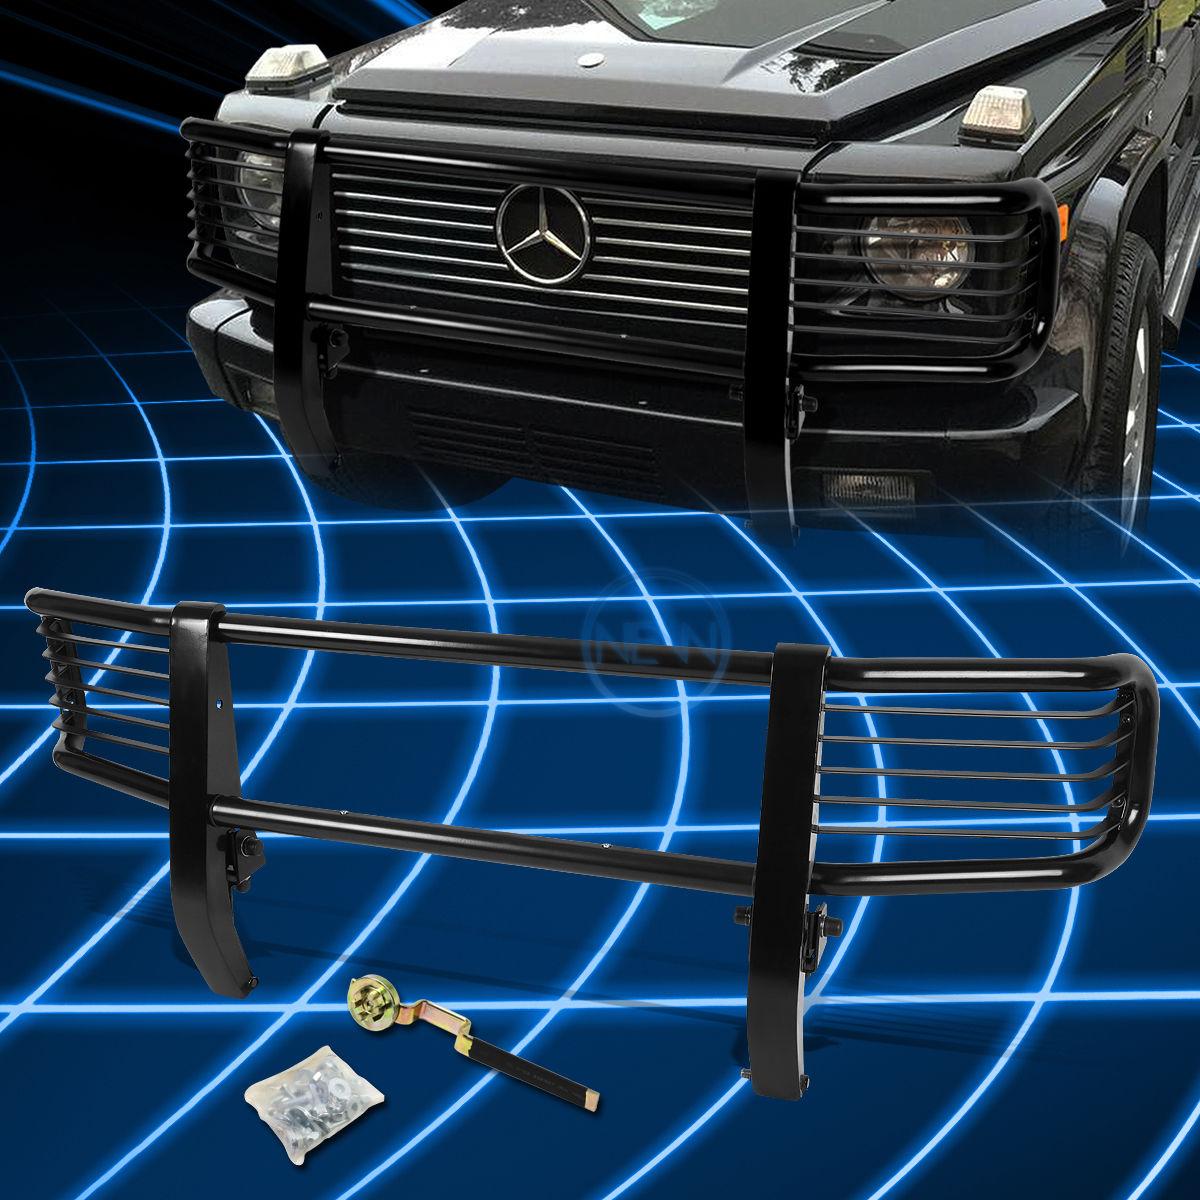 グリル ブラックブラシバンパープロテクターグリルガード(1999?2012年)メルセデスG500 Gクラス Black Brush Bumper Protector Grille Guard for 1999-2012 Mercedes G500 G-Class